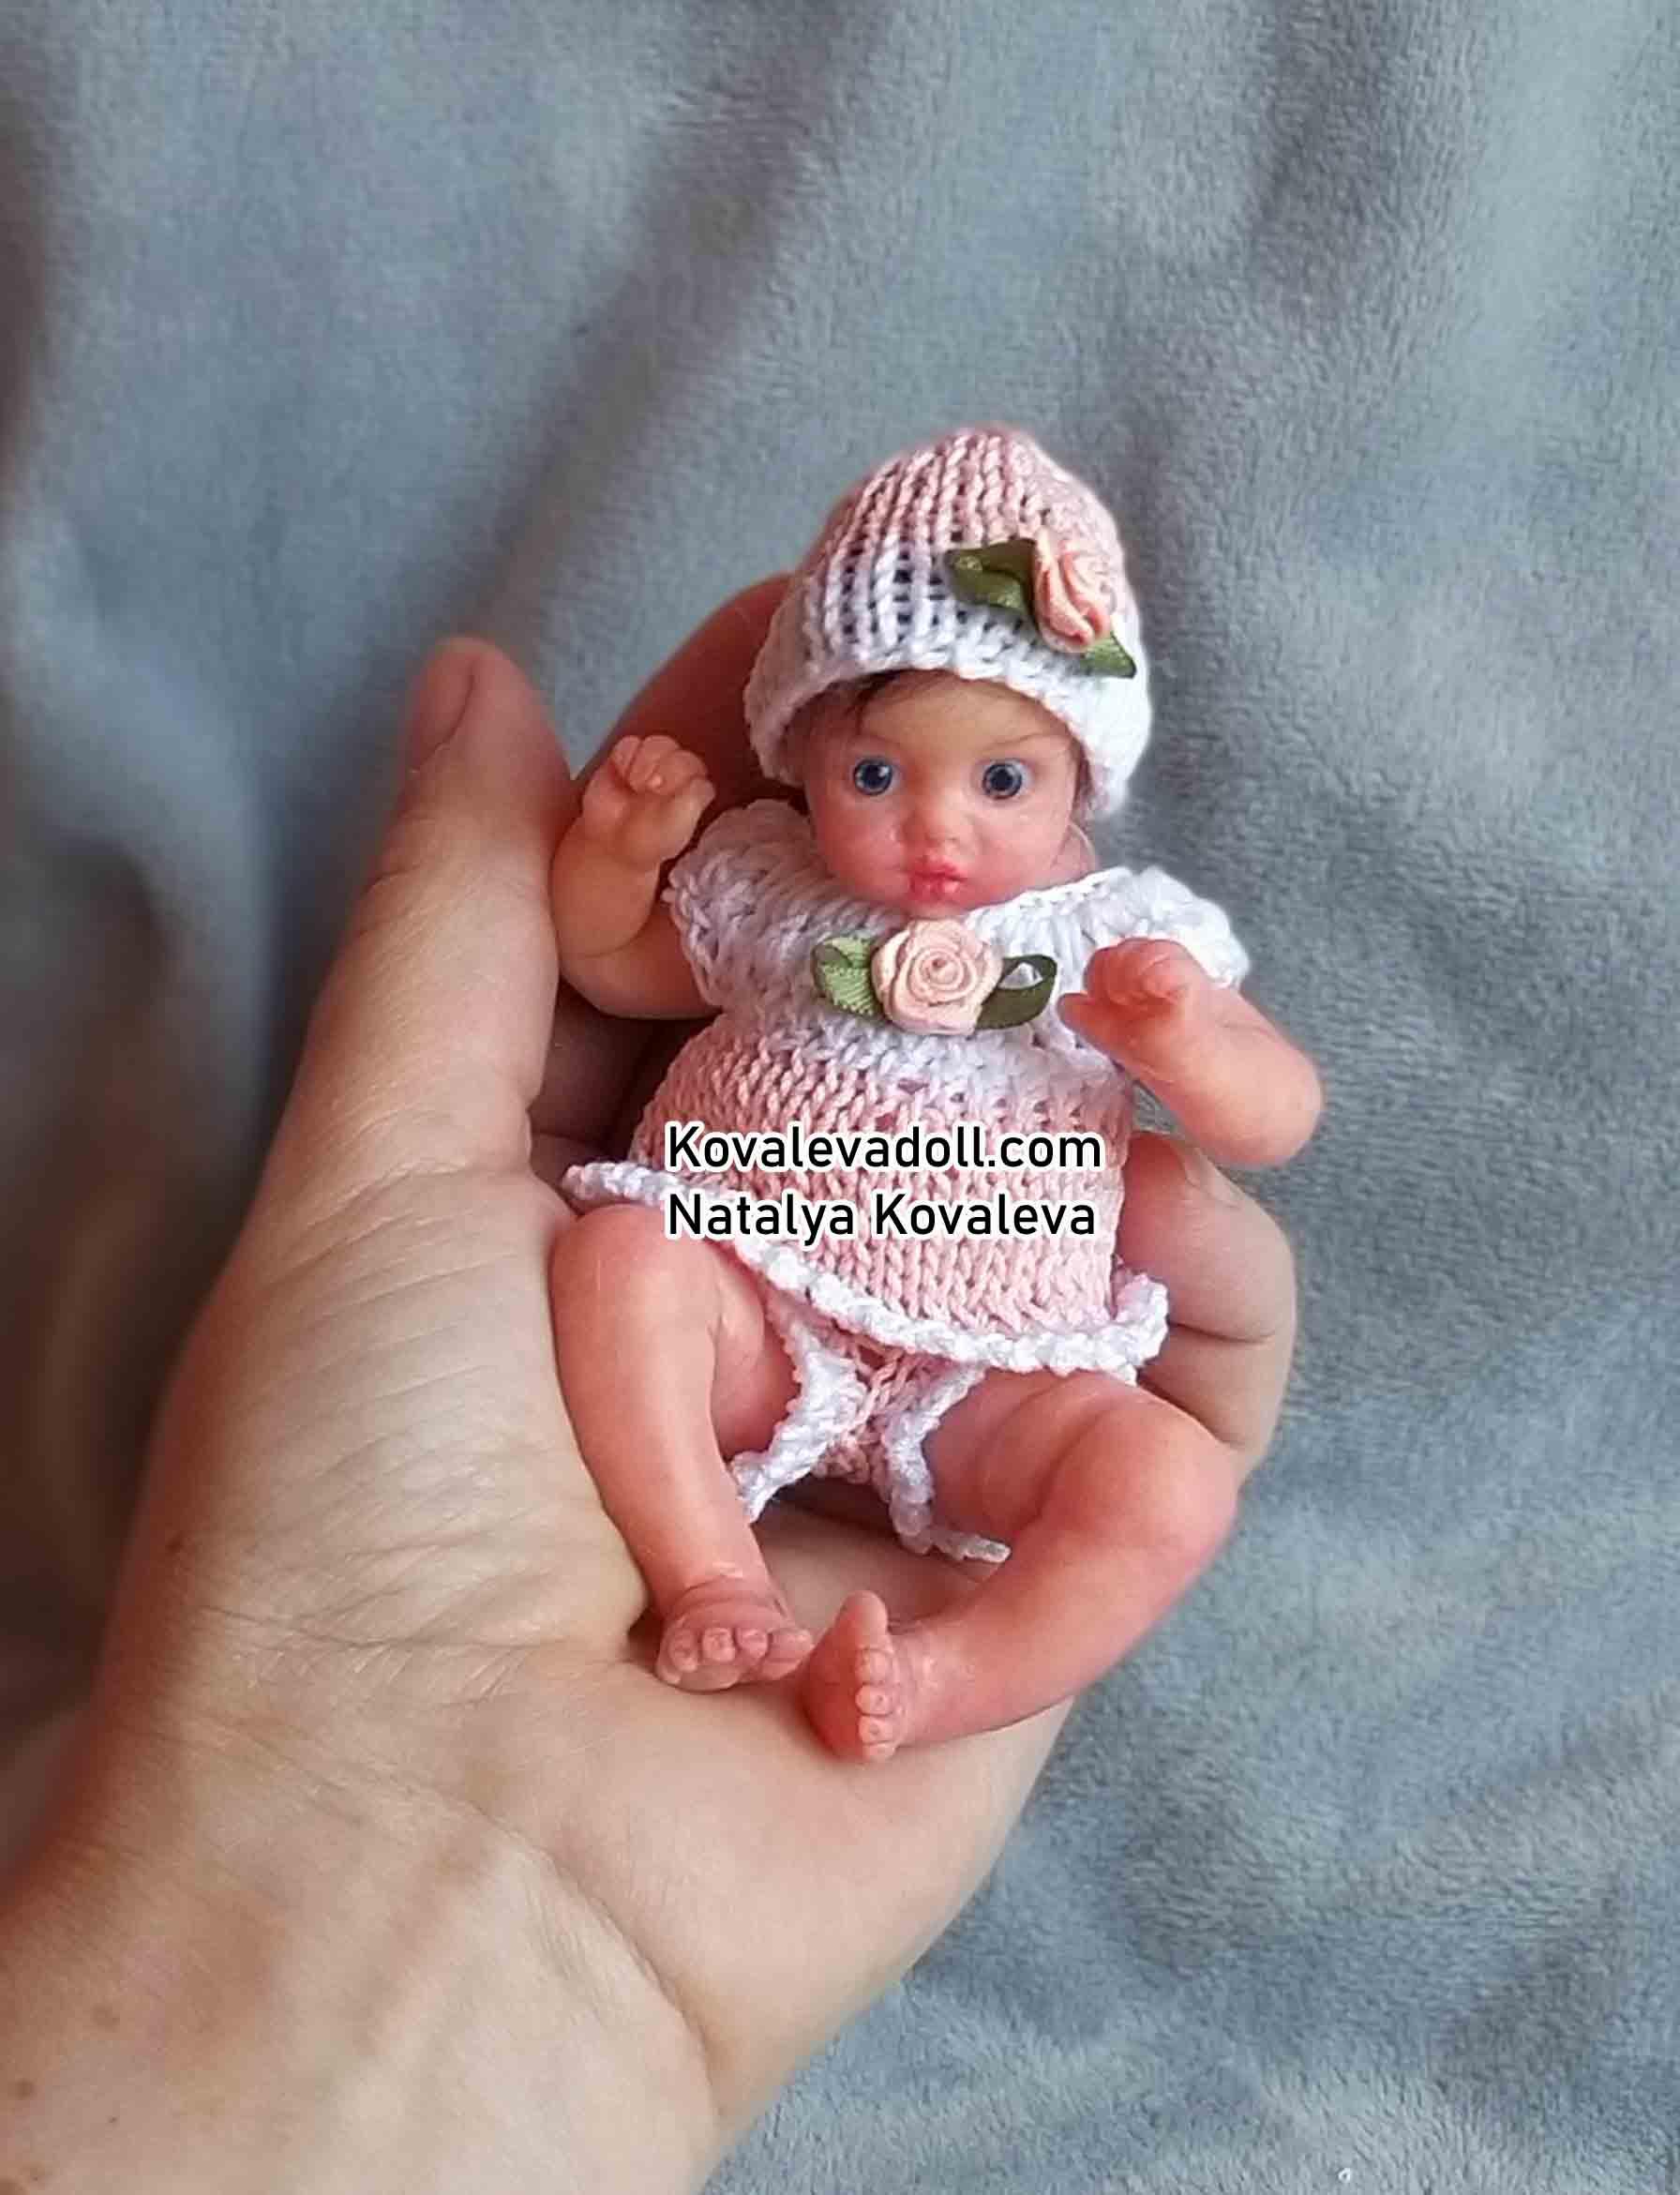 Silicone-reborn-baby-full-body-mini-Lilu Kovalevadoll